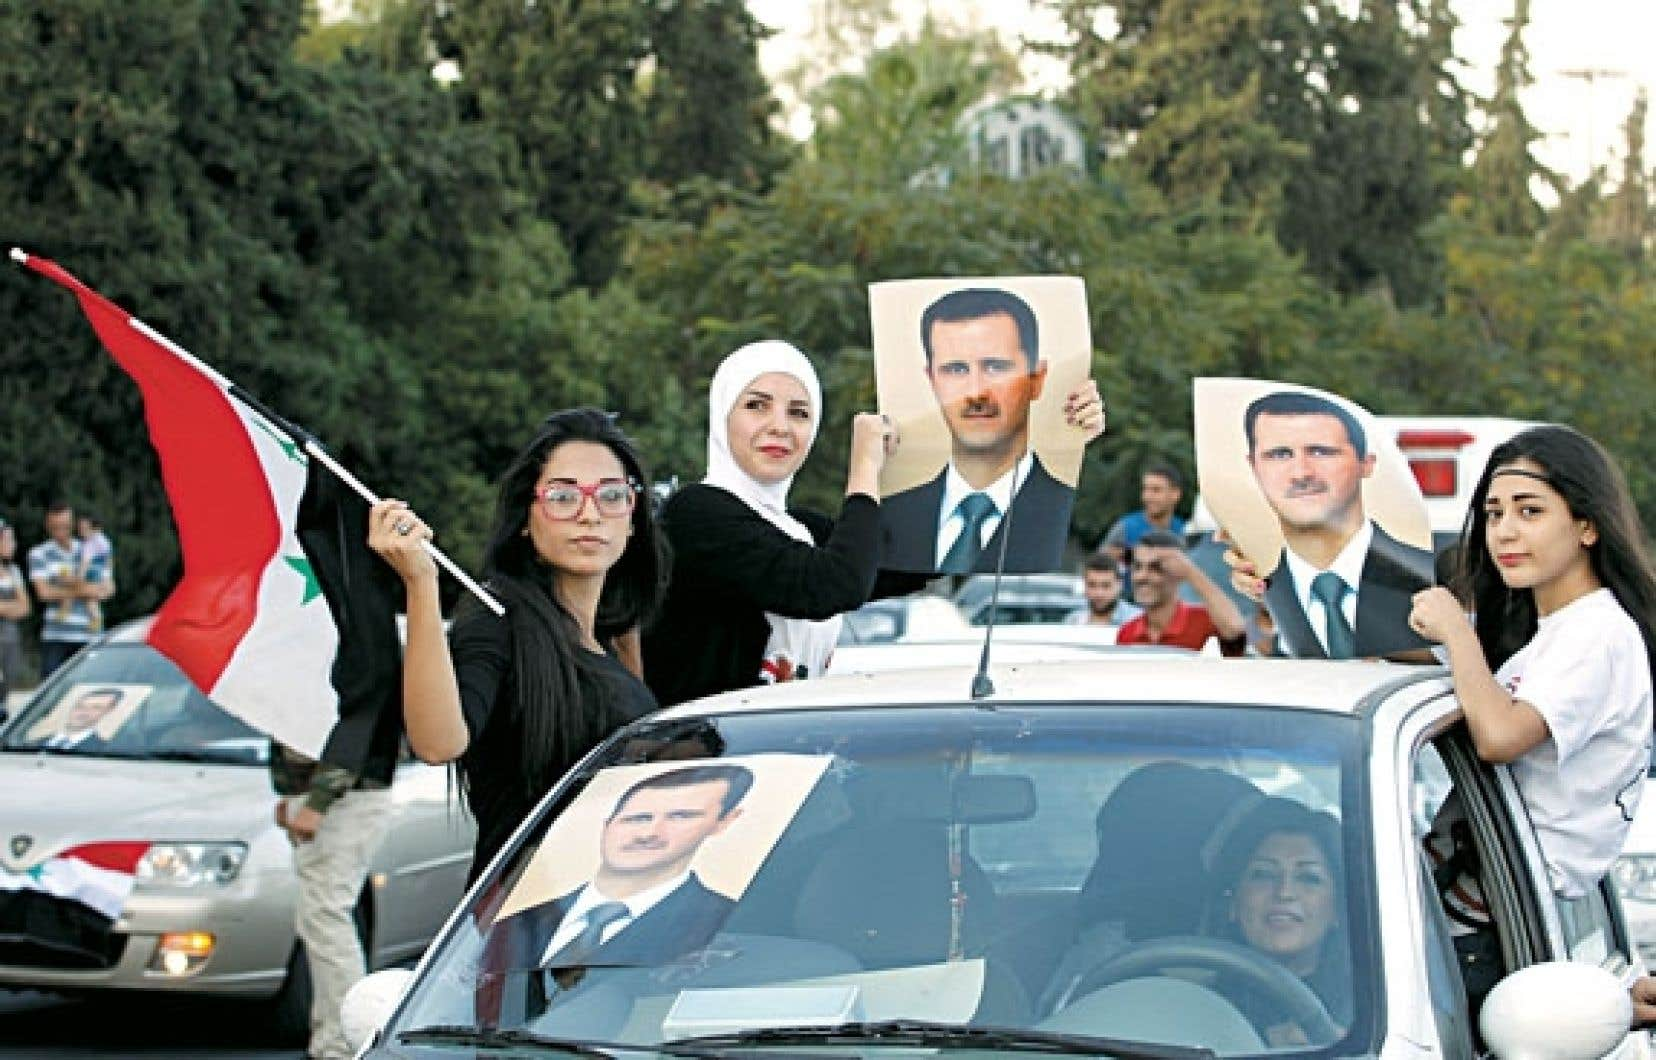 Des partisans de Bachar al-Assad ont célébré mercredi, à Damas, les 48 ans de leur président.